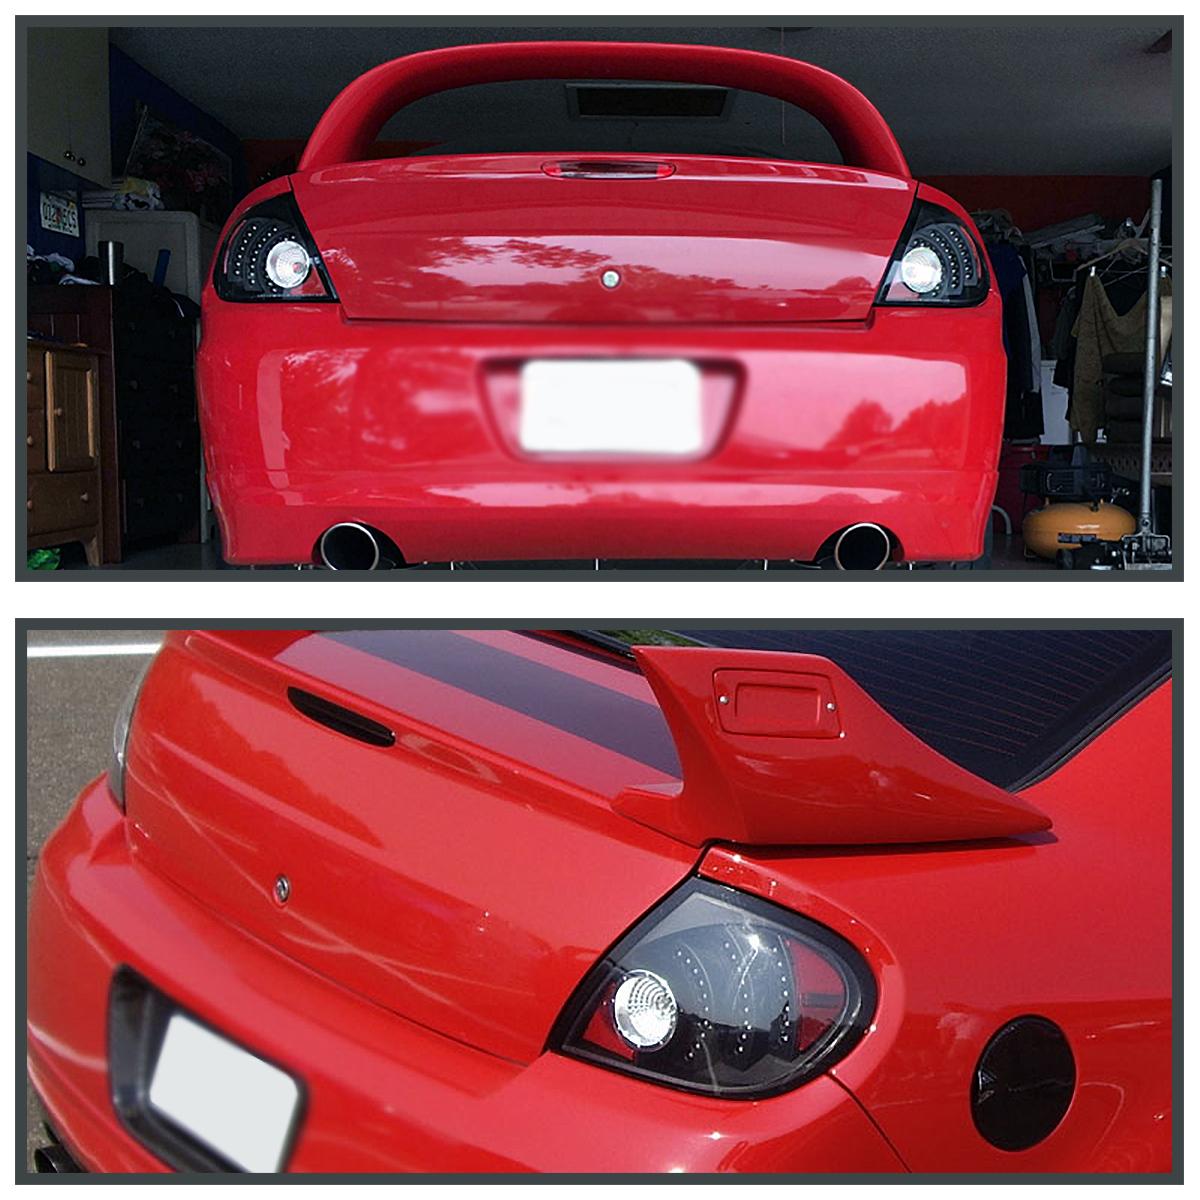 Dodge Led Lights >> 2003-2005 Dodge Neon SRT4 R/T LED Tail Lights Black Depo 684758614711 | eBay